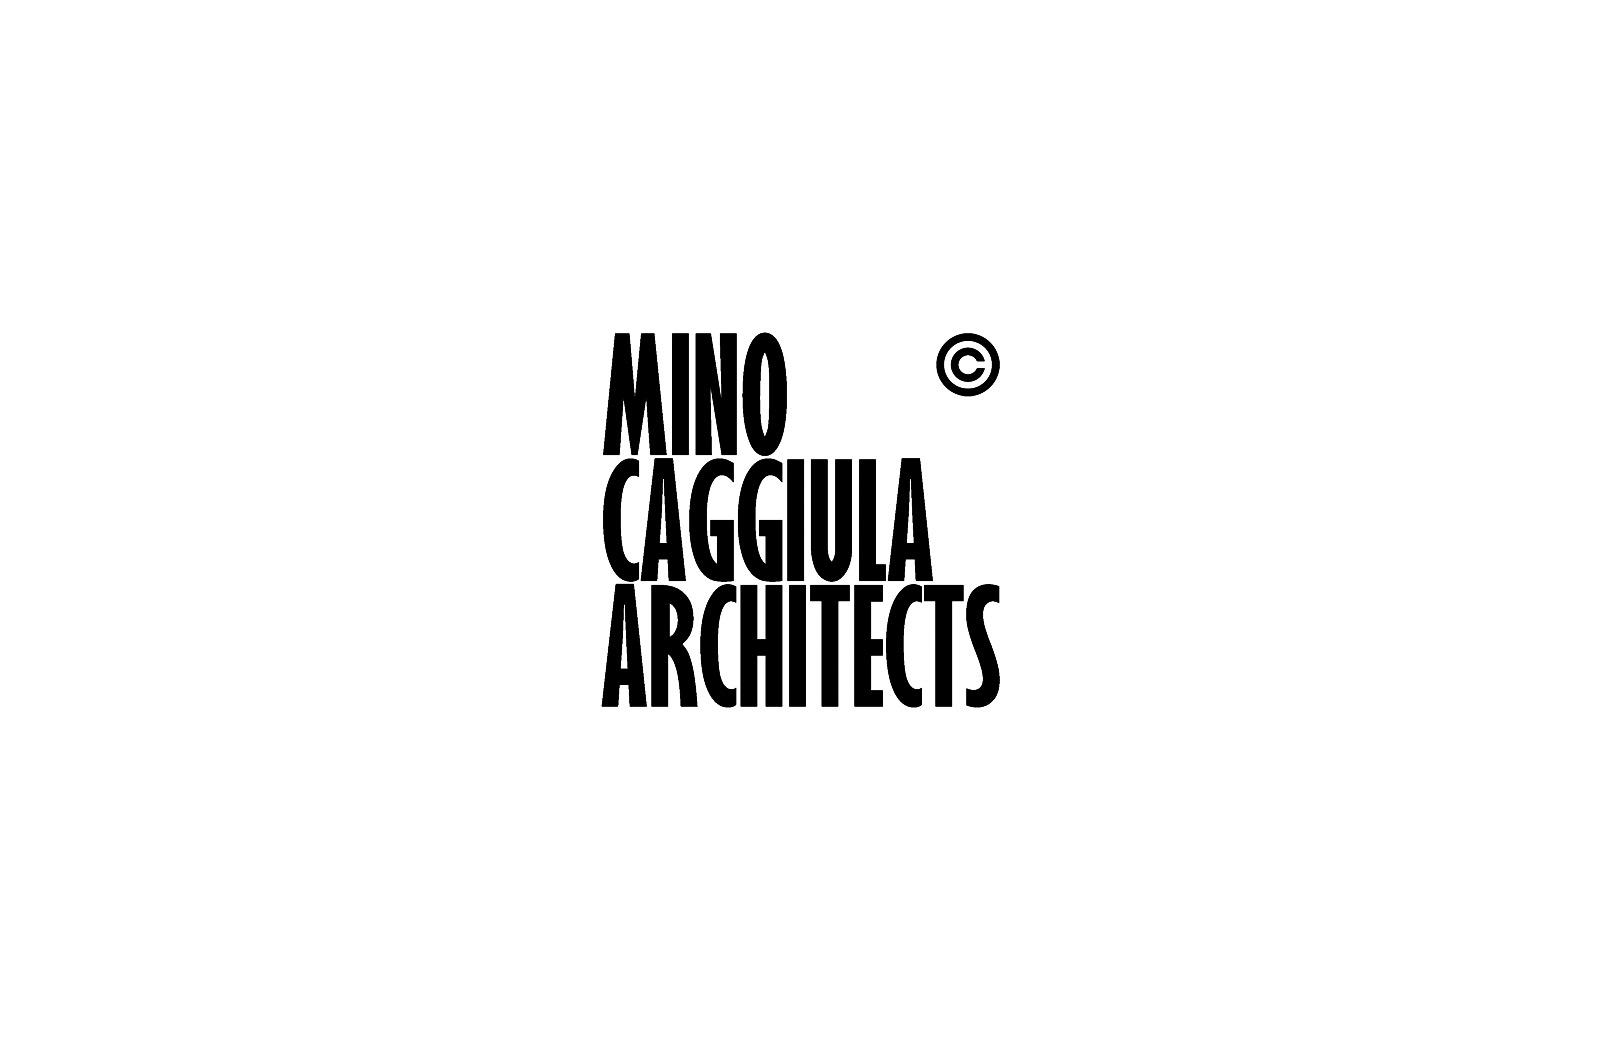 MINO CAGGIULA